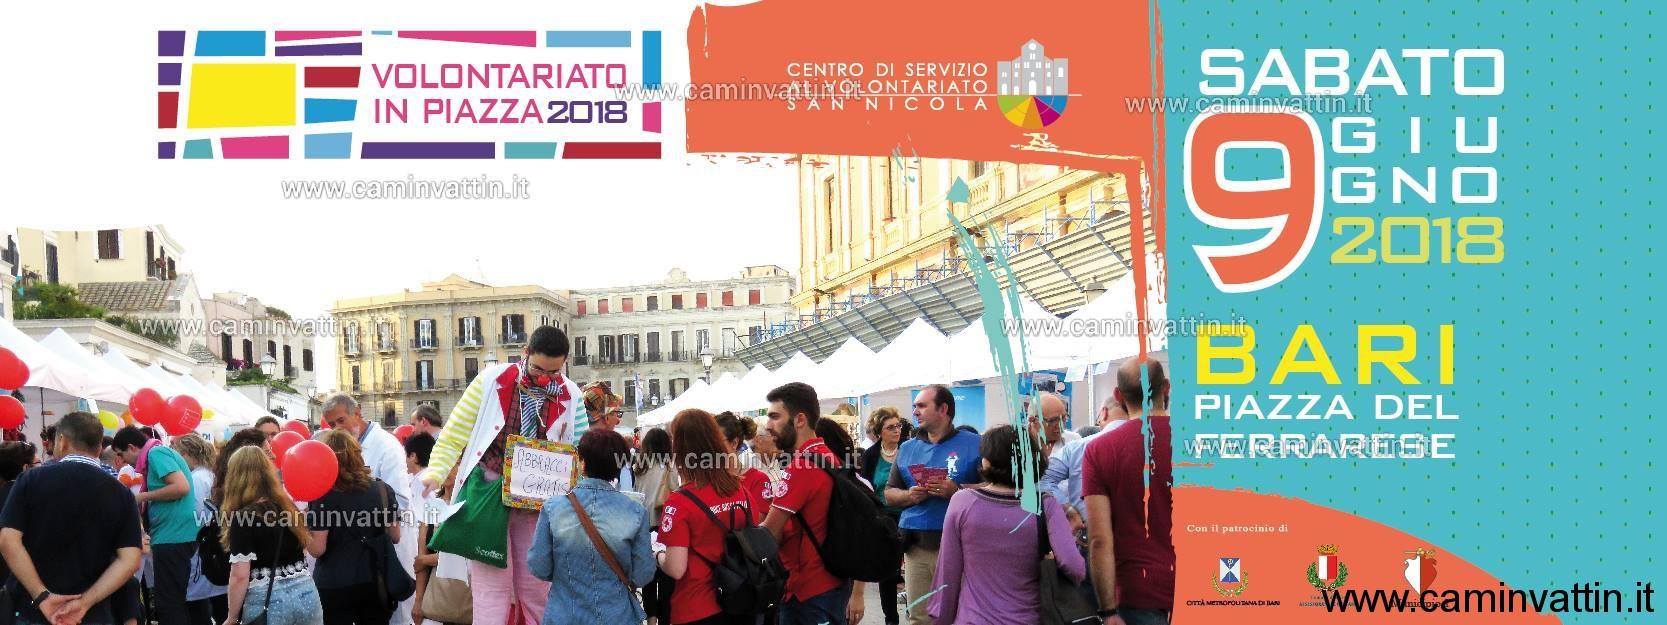 volontariato in piazza 2018